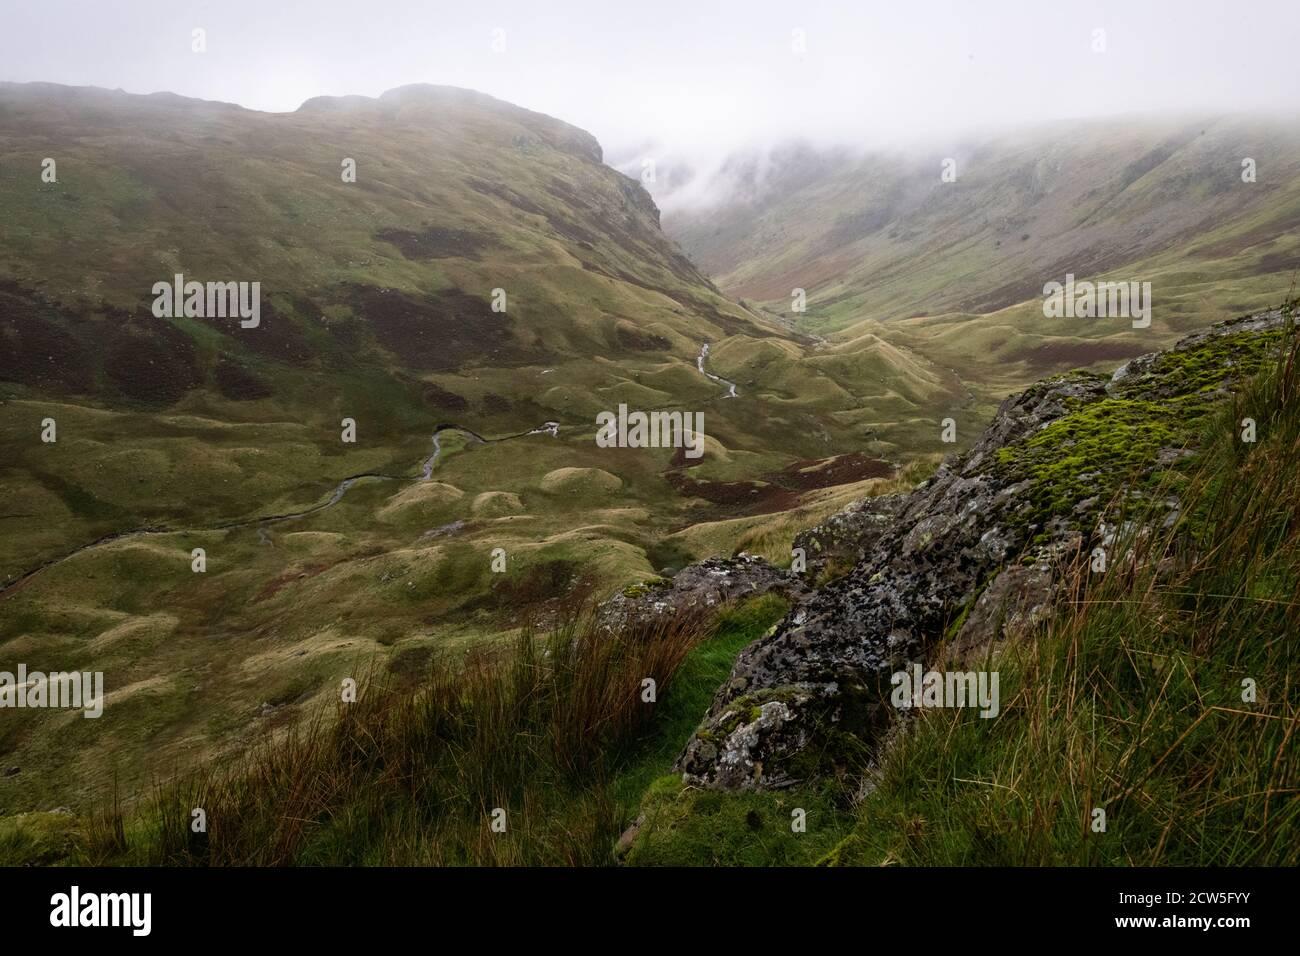 Drumlins - Vista desde Foring Crag of Greenup Gill Valley, Lake District, Inglaterra, Reino Unido, parte de la Costa a la Costa caminar Foto de stock